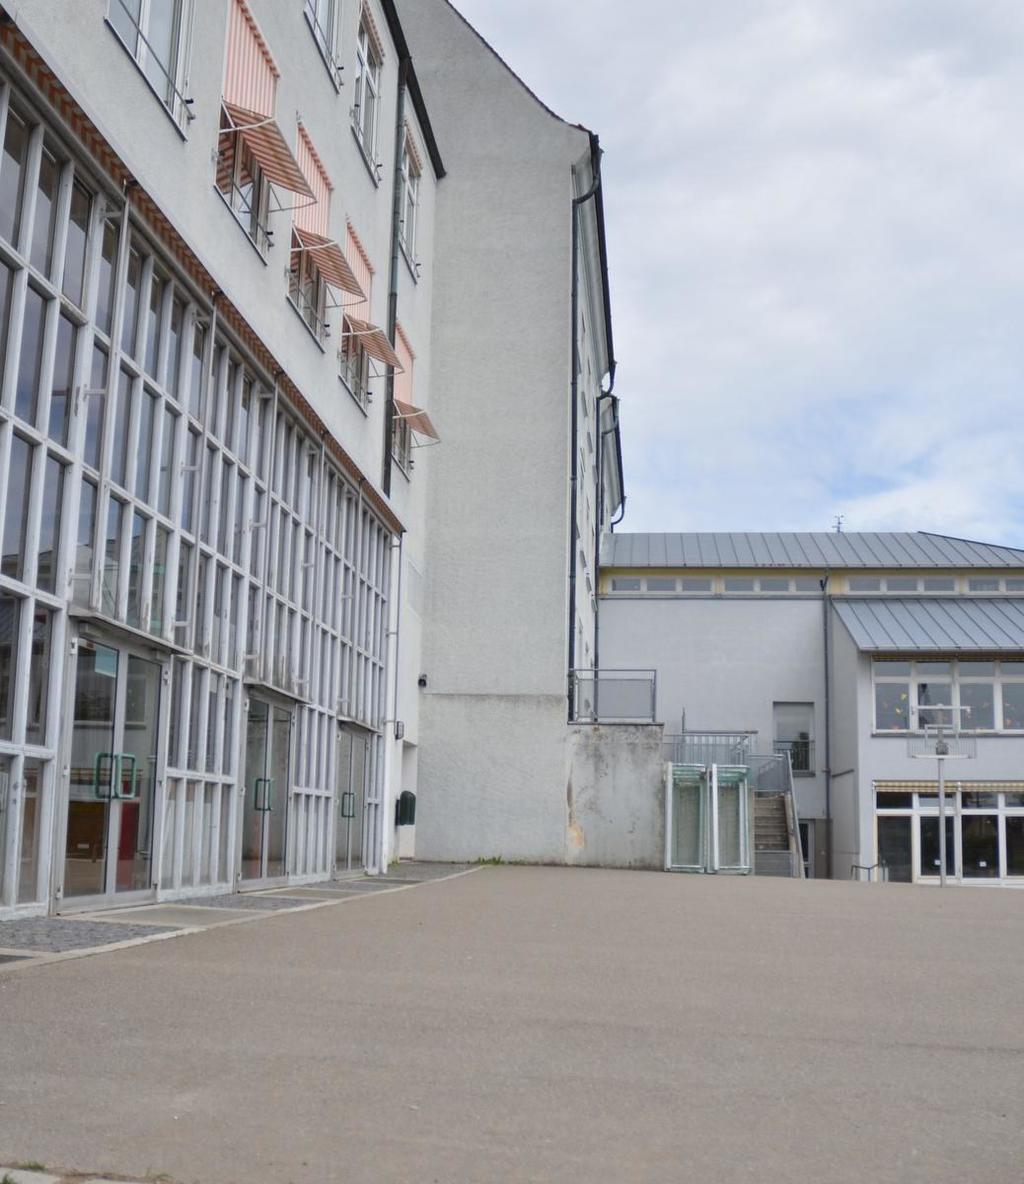 Weil die Kosten für die Jakob-Gretser-Grundschule explodiert sind, werden die Investitionen zunächst geschoben. Die Sanierung des Rathauses hingegen wird konkreter.